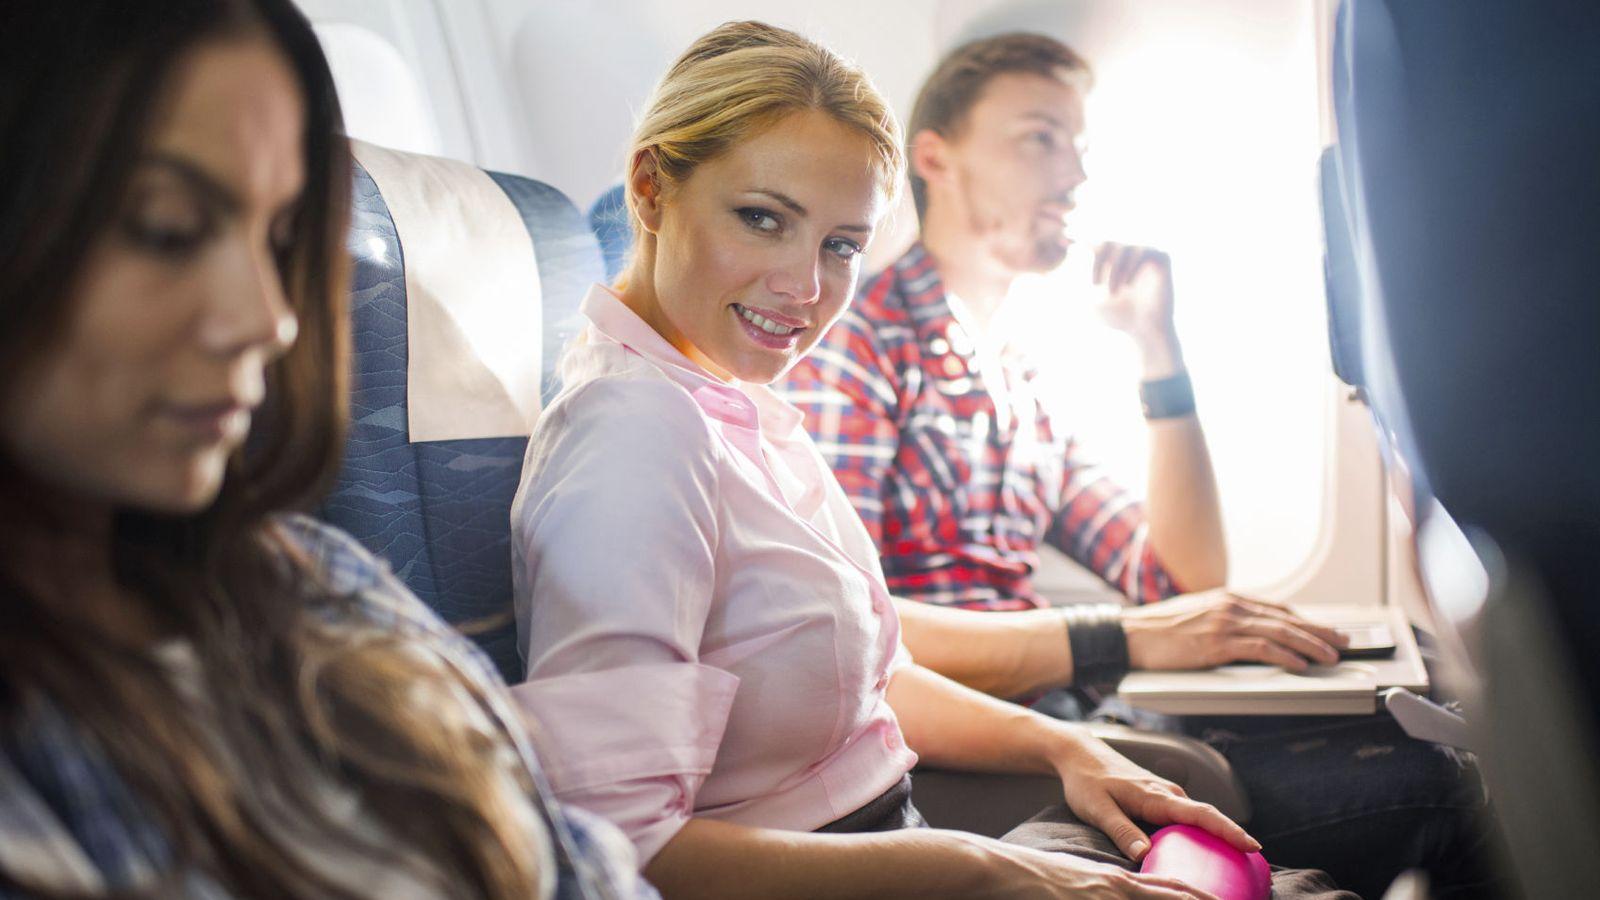 Foto: Las 24 horas de vuelo a Australia más calientes de su vida. (iStock)